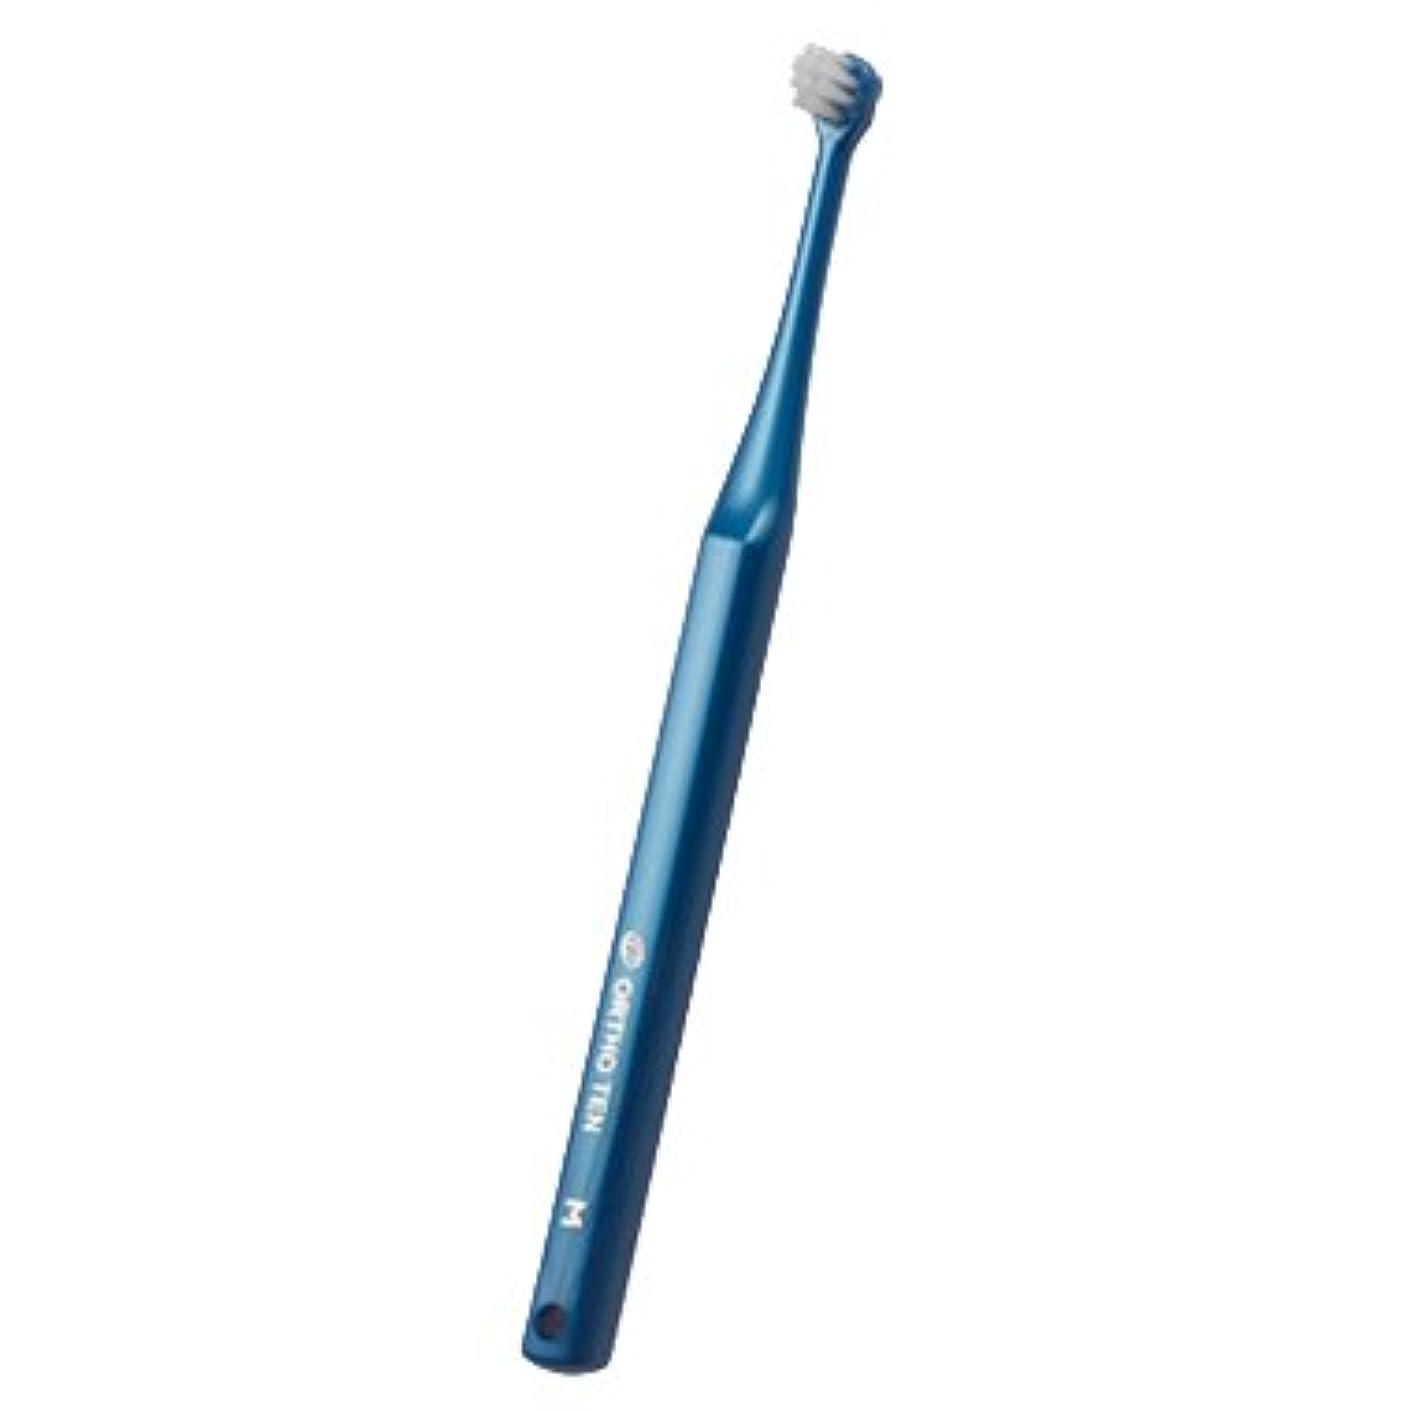 めったにツーリスト社会科オーラルケア ORTHOTEN オーソテン 歯ブラシ 1本 規格パールブルー